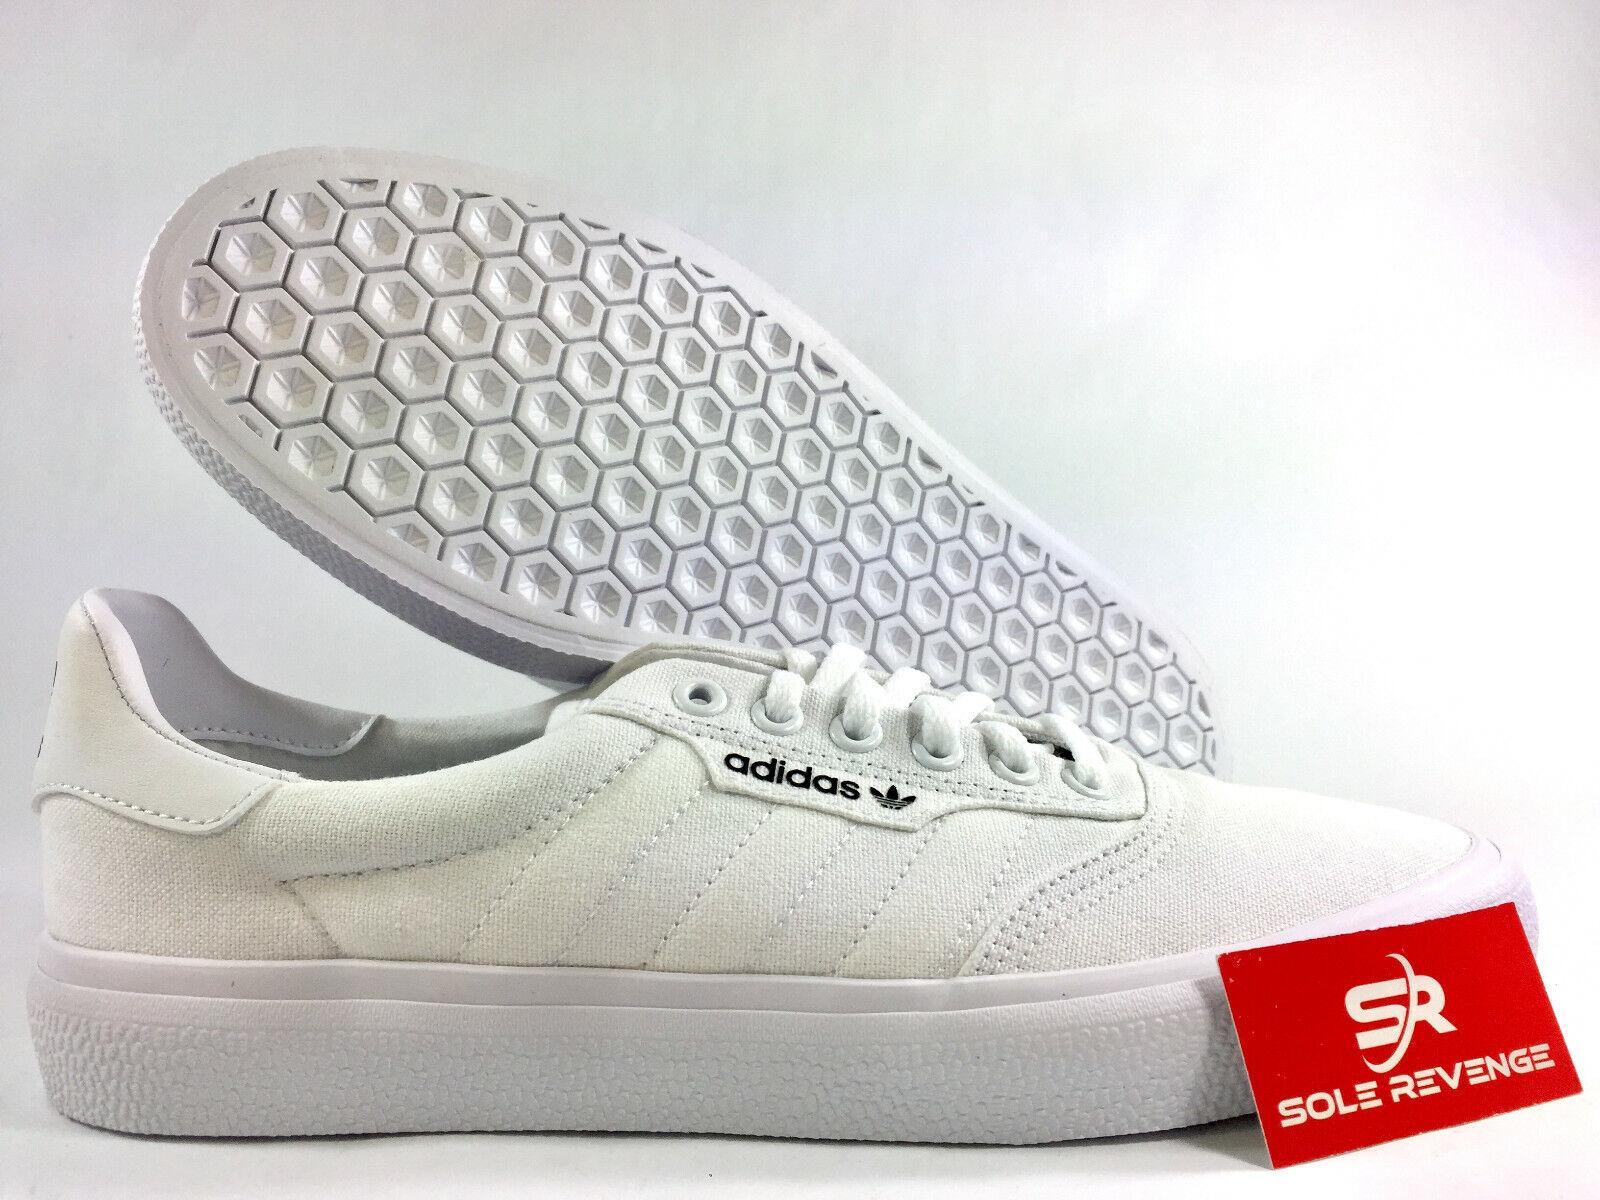 Adidas ADIDAS ORIGINALS 3MC VULC B22705 Homme Blanc Or Métallique Toile Chaussures c1